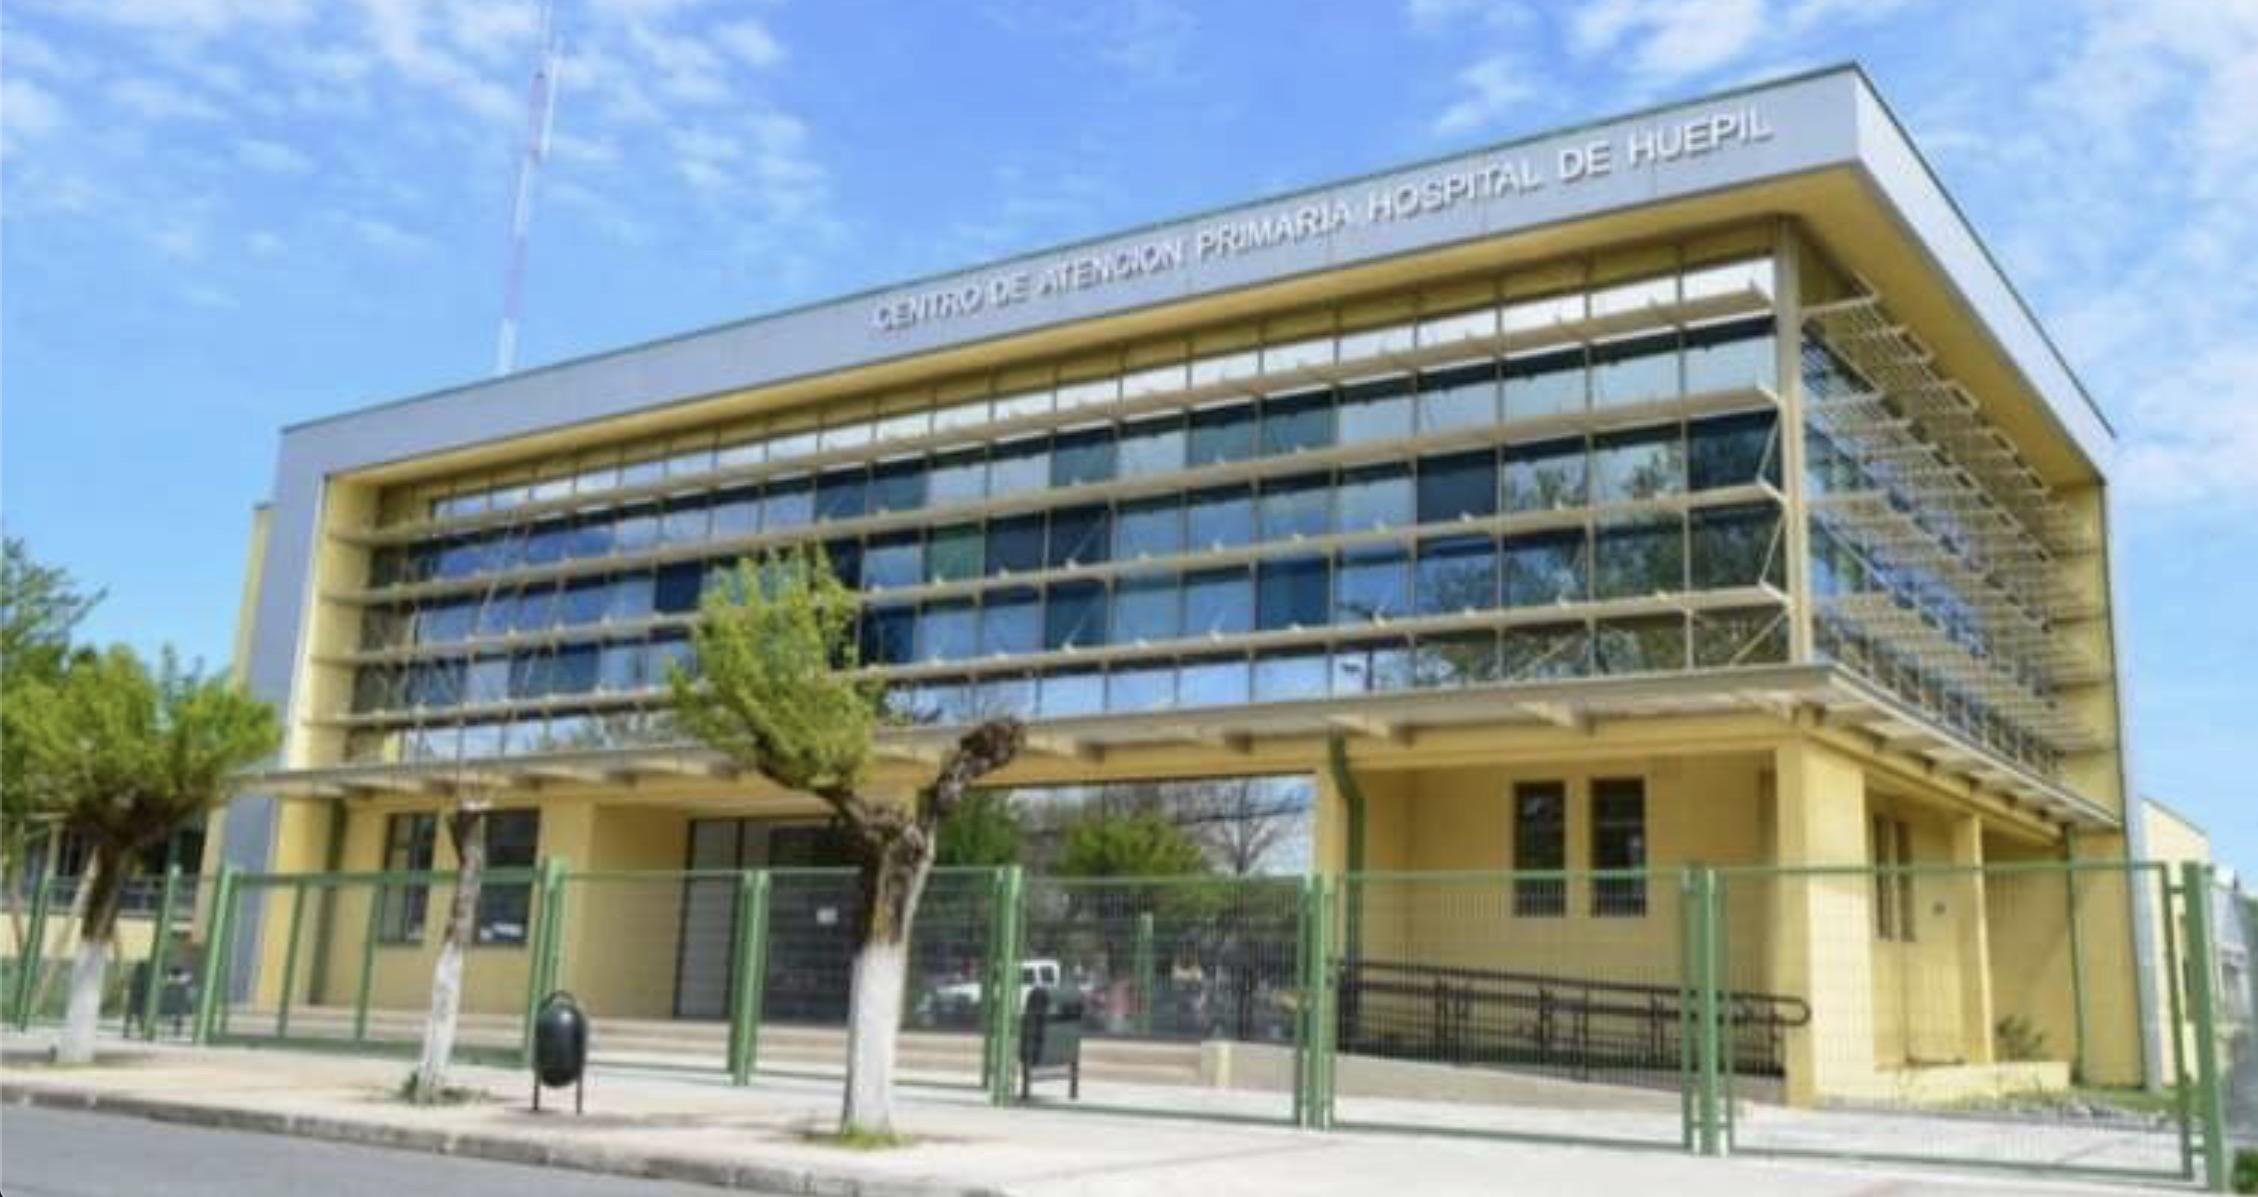 Confirman nuevos casos en hospitales de Santa Bárbara, Nacimiento y Huépil